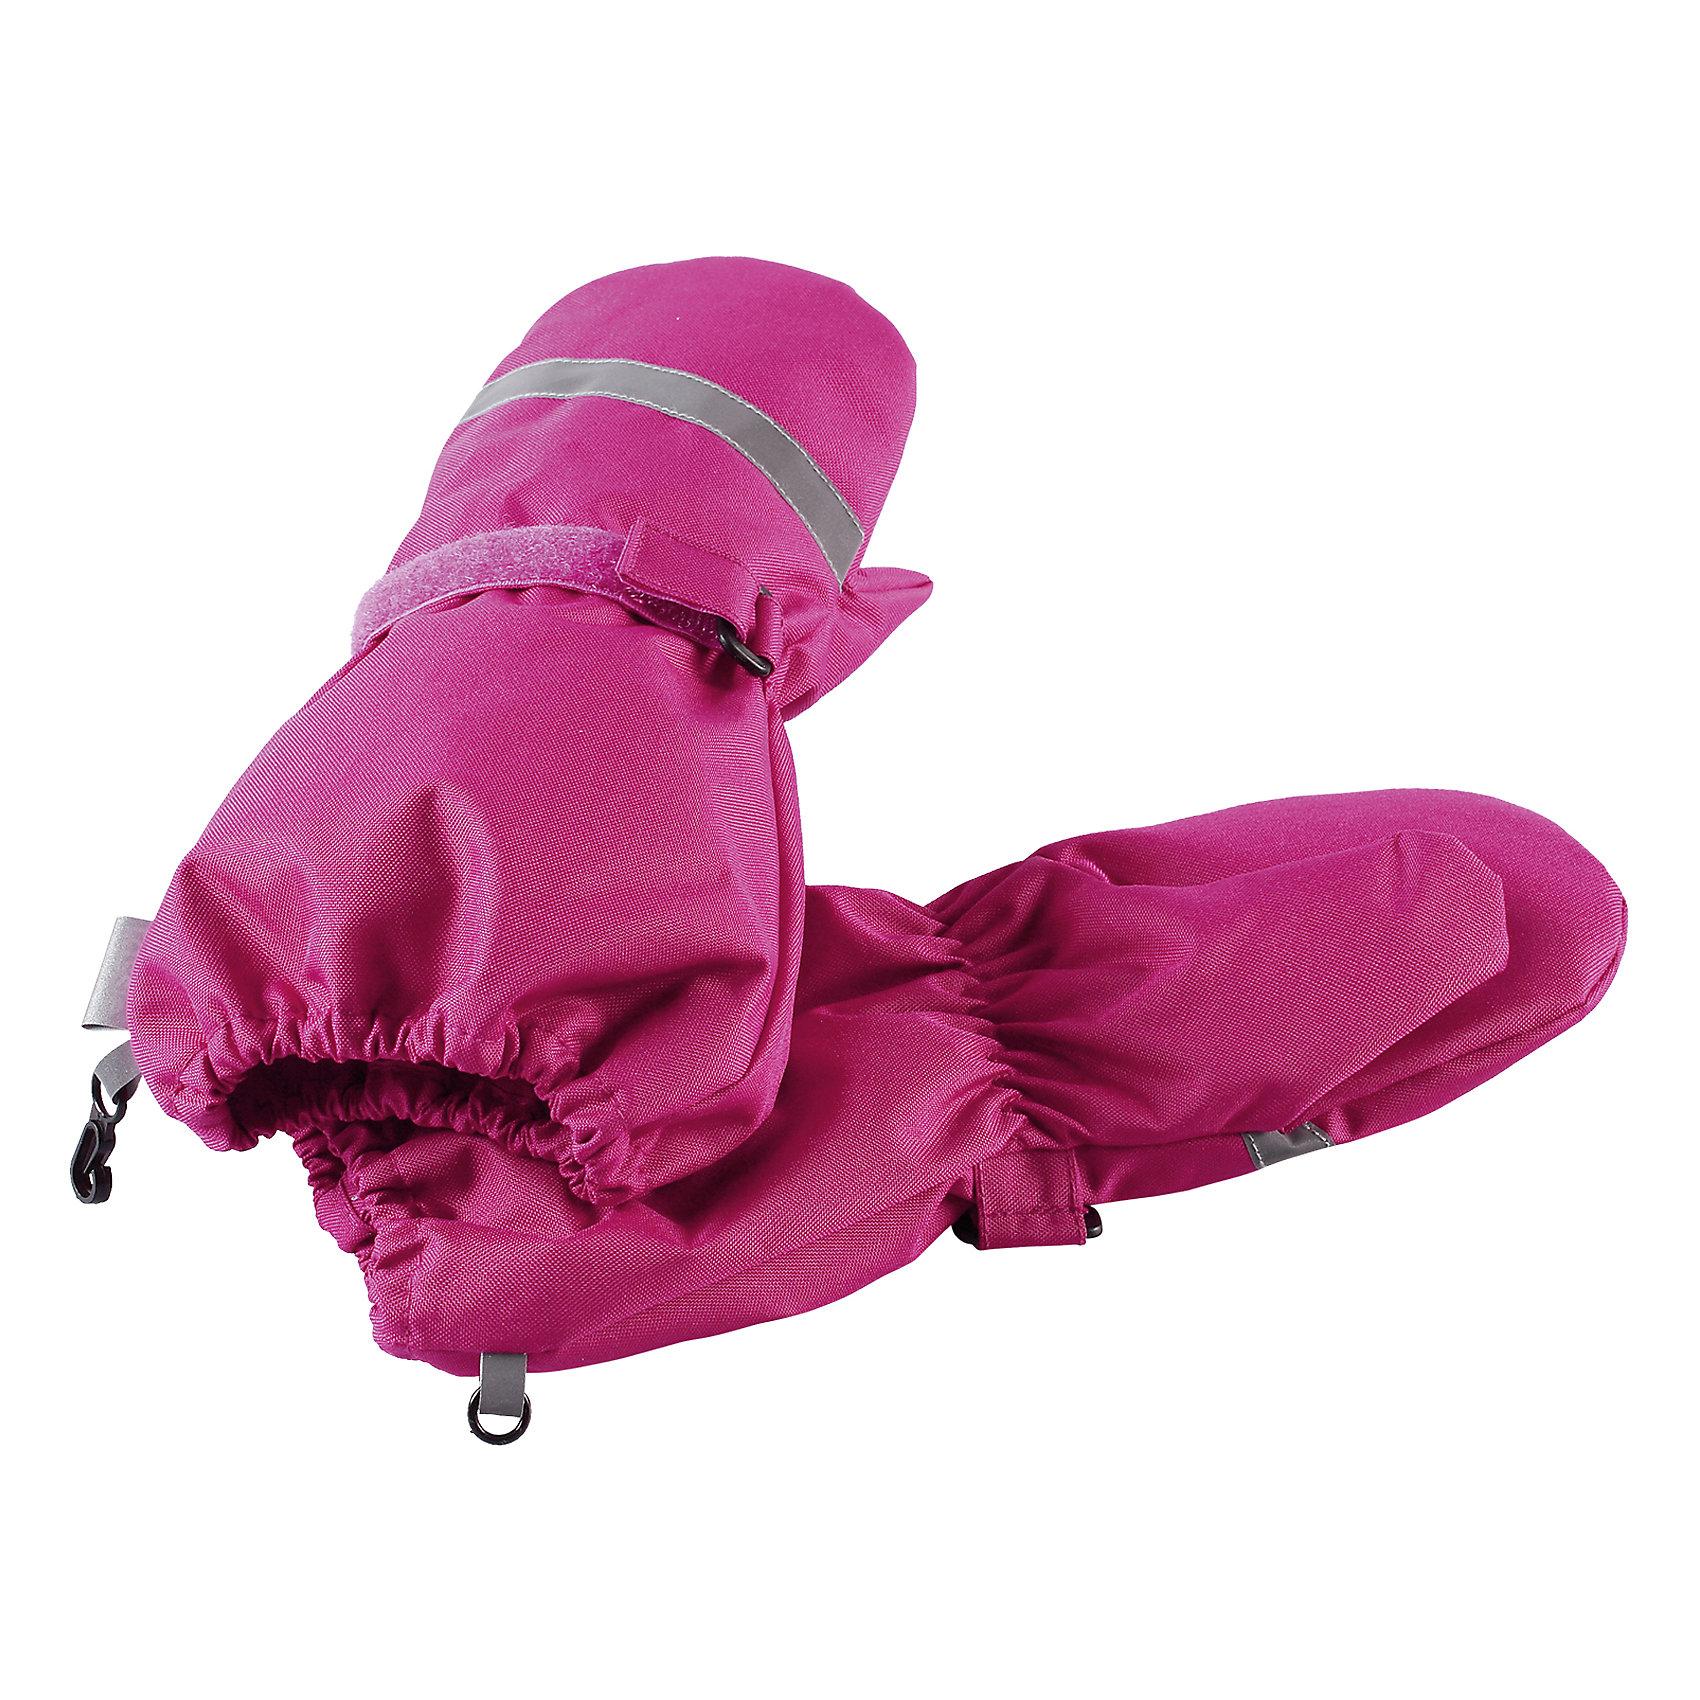 Варежки LassieПерчатки и варежки<br>Давайте слепим снеговика! Эти детские варежки усилены сверхпрочным материалом, который гарантирует отсутствие скольжения даже на ледяных поверхностях – катать в них снежки просто и весело! Нежная и мягкая на ощупь трикотажная подкладка с начесом обеспечивает дополнительное утепление. Благодаря удобной застежке на липучке они хорошо и плотно сидят на руке.<br>Состав:<br>100% Полиэстер<br><br>Ширина мм: 162<br>Глубина мм: 171<br>Высота мм: 55<br>Вес г: 119<br>Цвет: розовый<br>Возраст от месяцев: 96<br>Возраст до месяцев: 120<br>Пол: Унисекс<br>Возраст: Детский<br>Размер: 6,3,4,5<br>SKU: 6928026